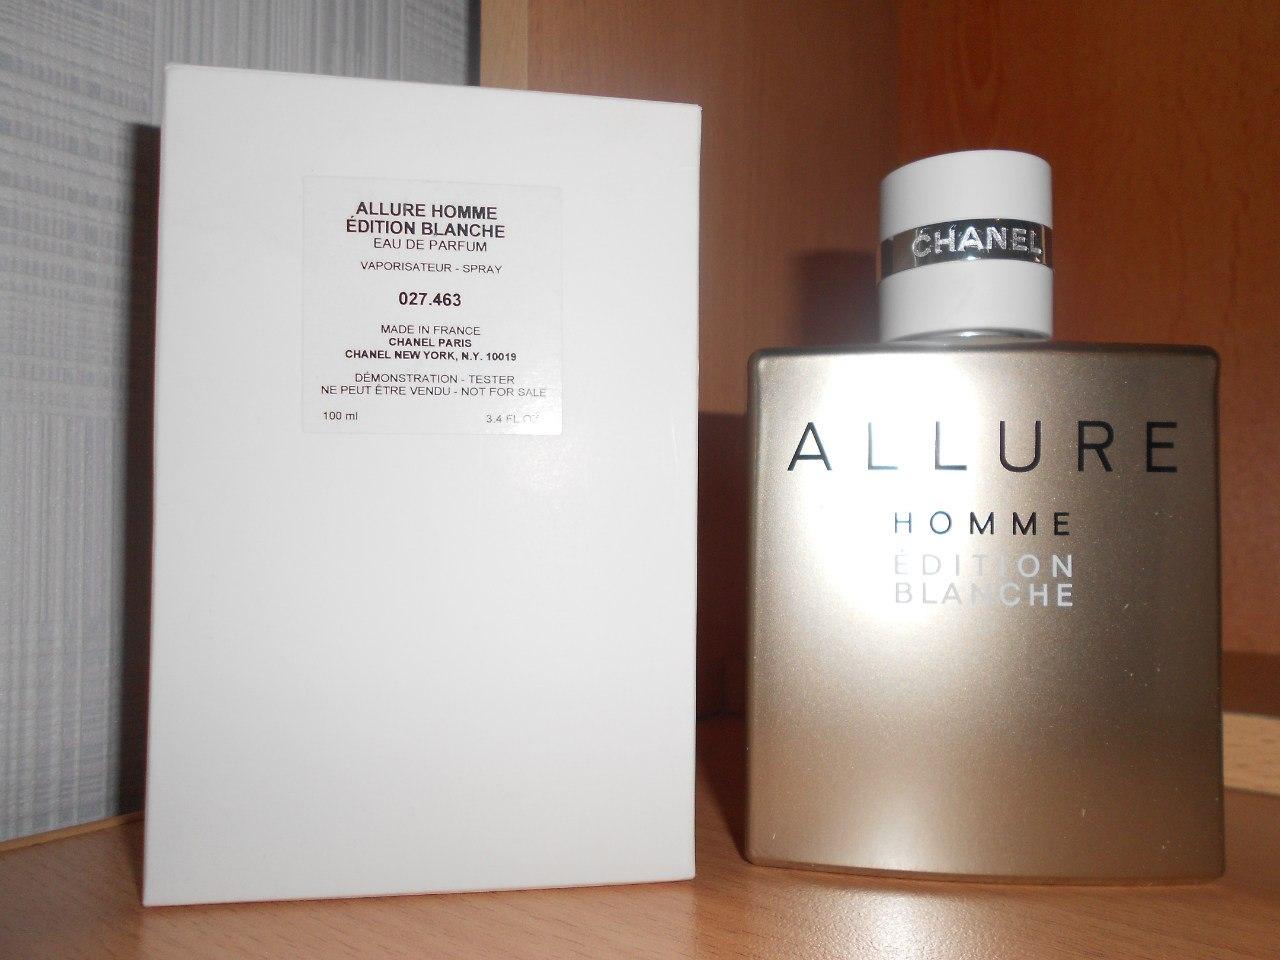 Allure Homme Edition Blanche Eau De Parfum Laparfumerie лучший